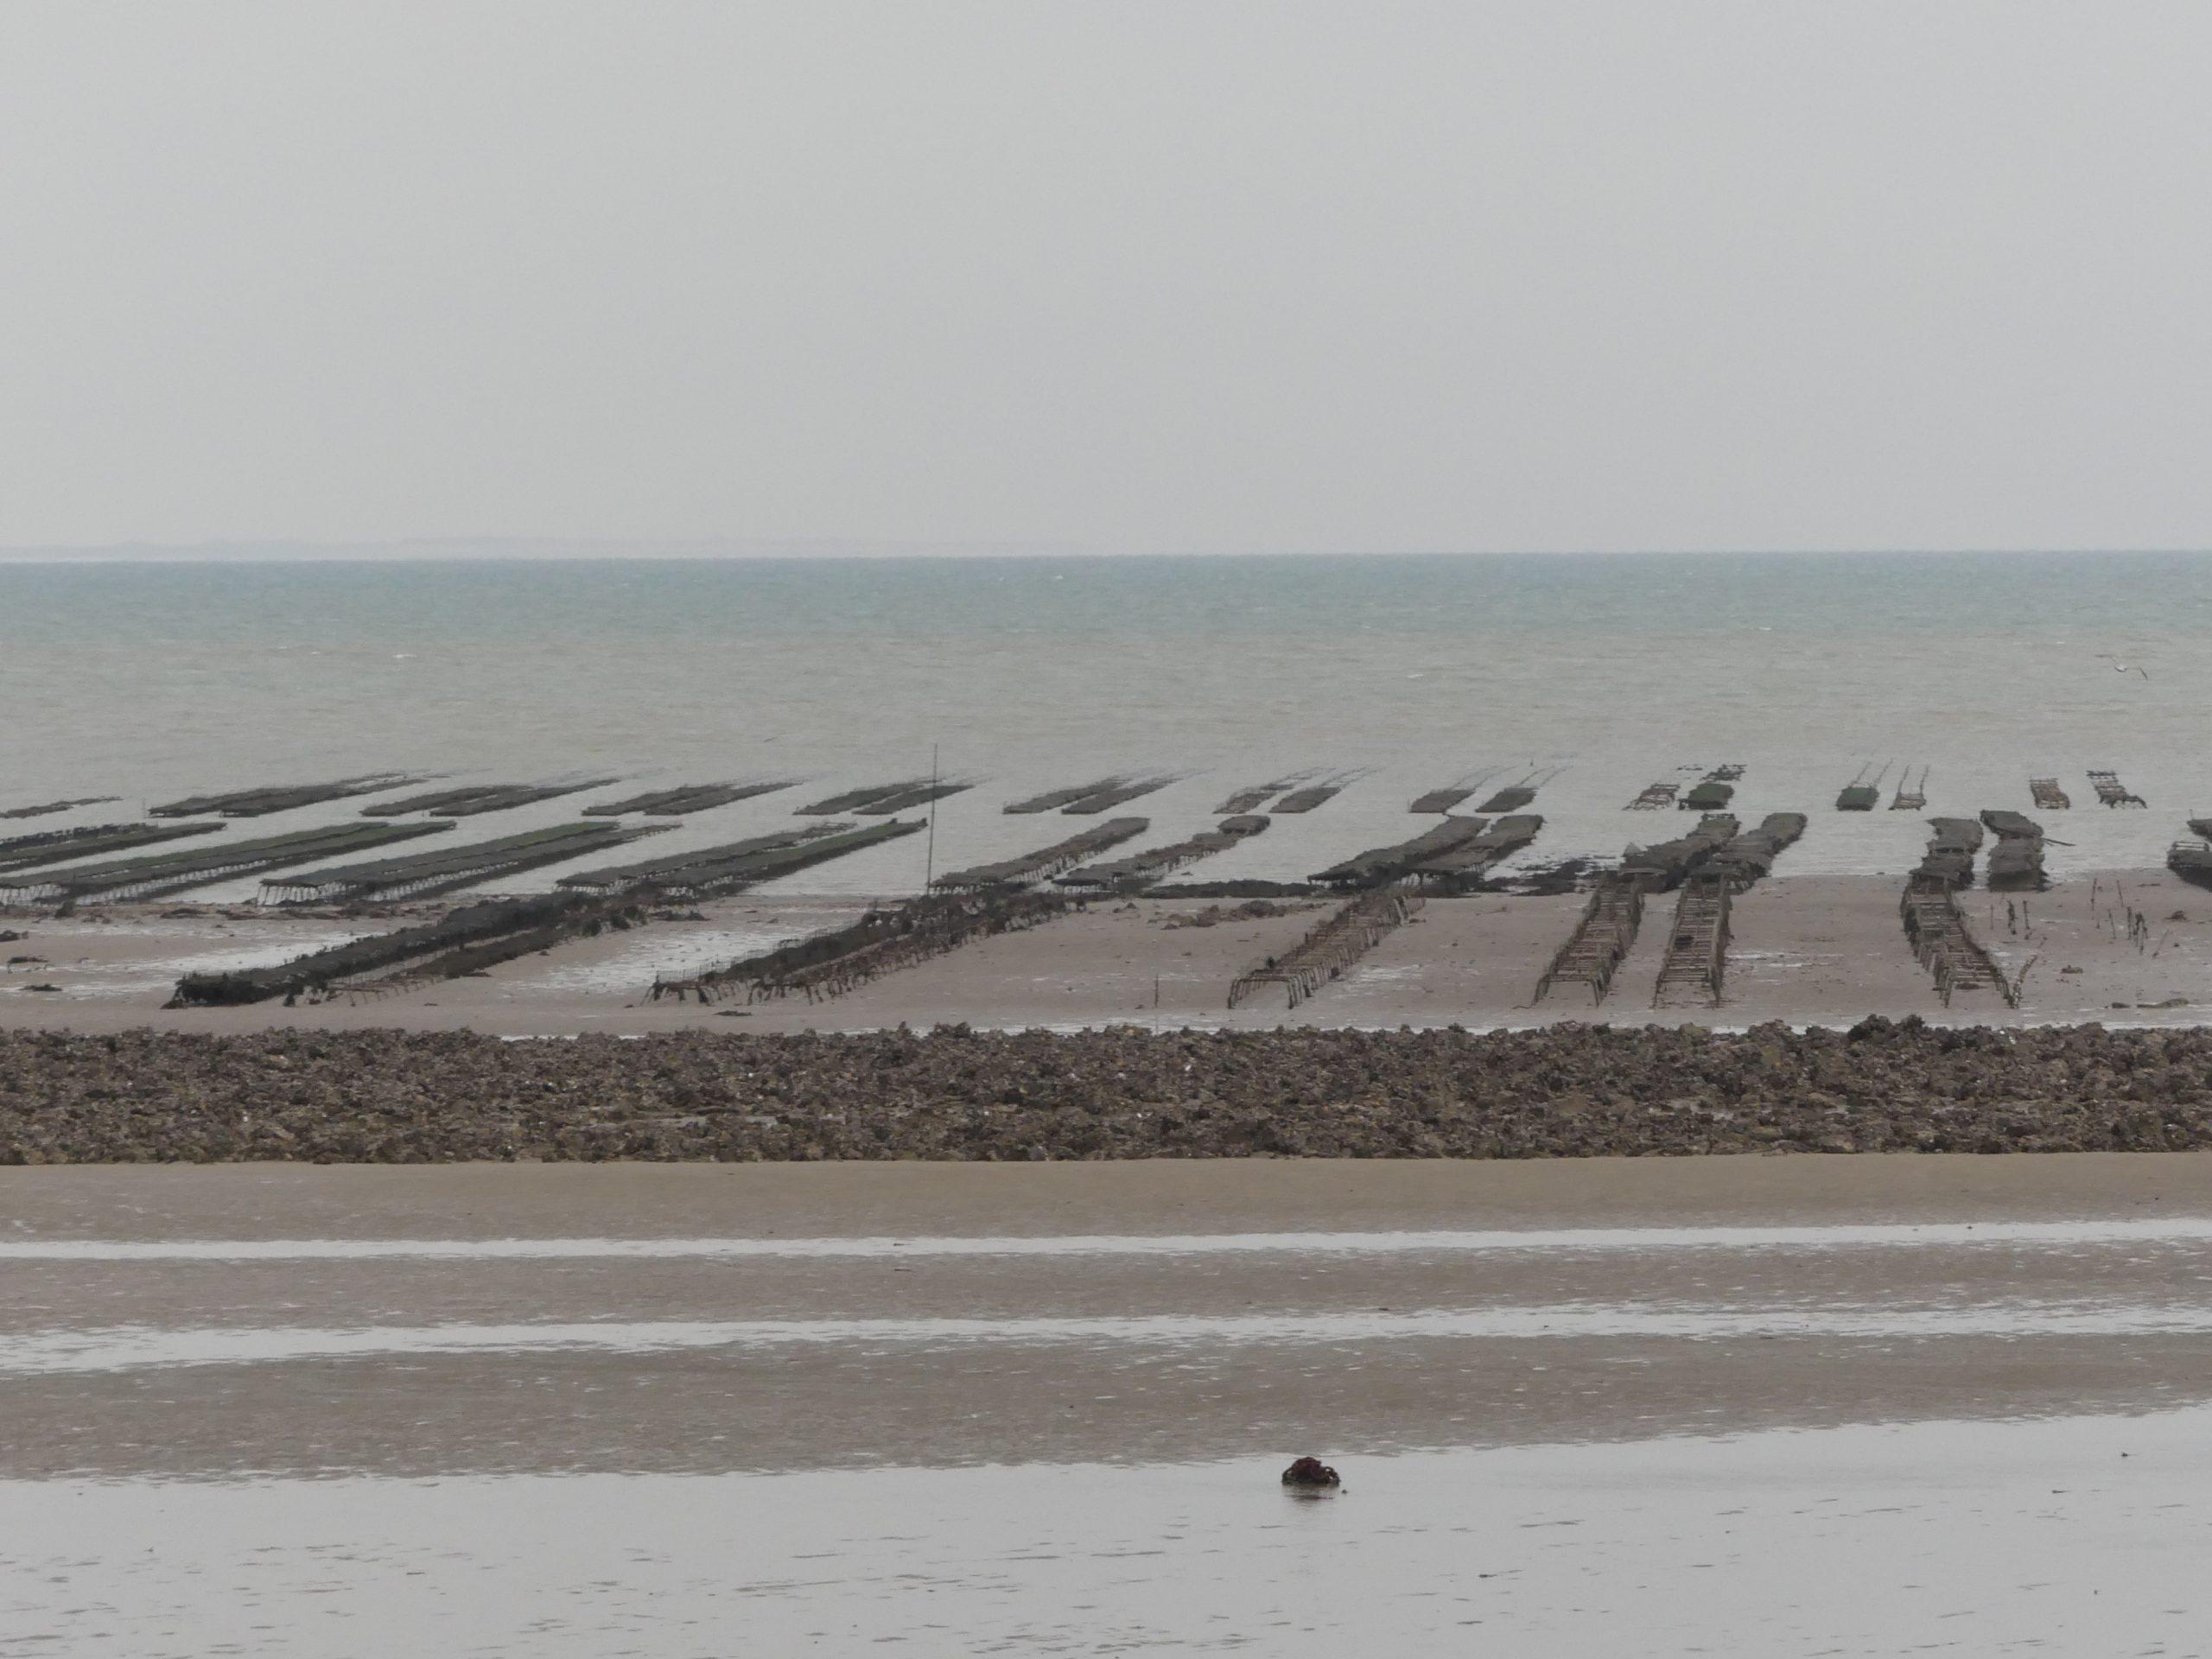 Météo 2021 - 4 janvier 2021- La Flotte - Mer